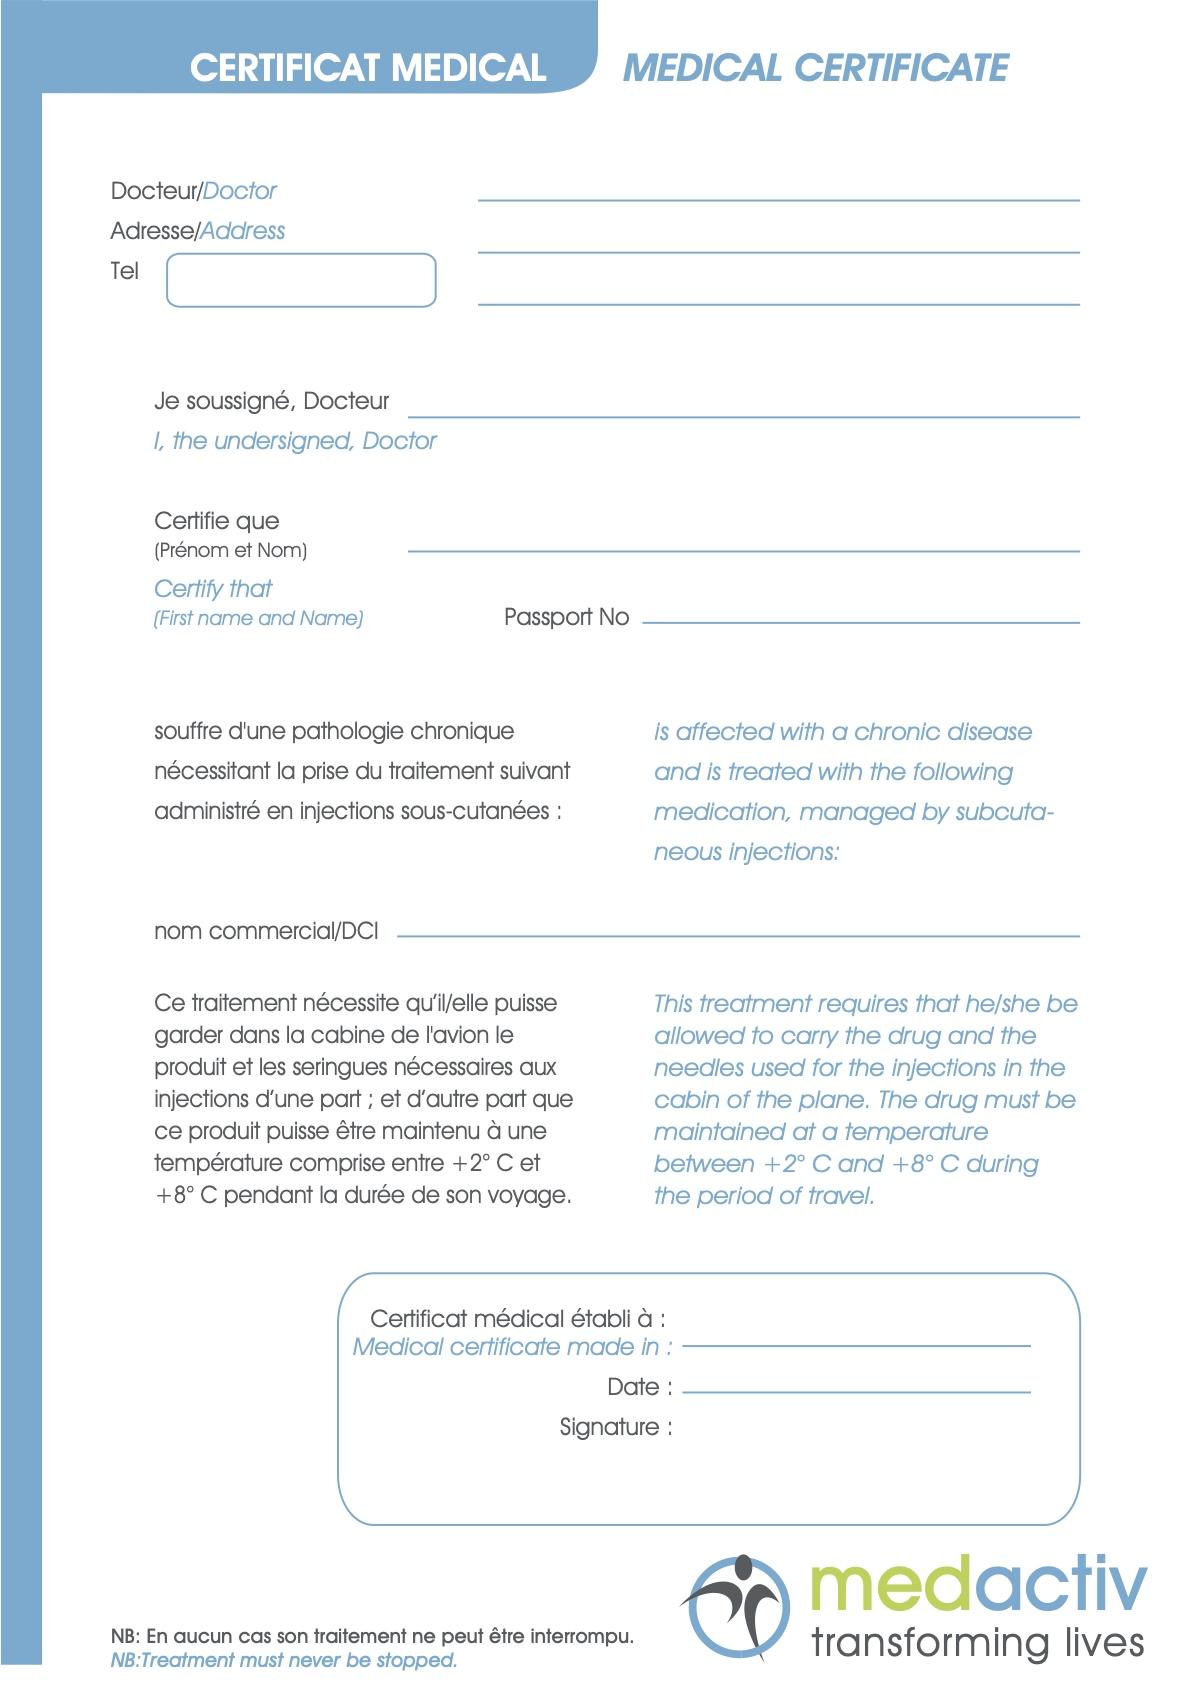 Medactiv medical certificates for travel